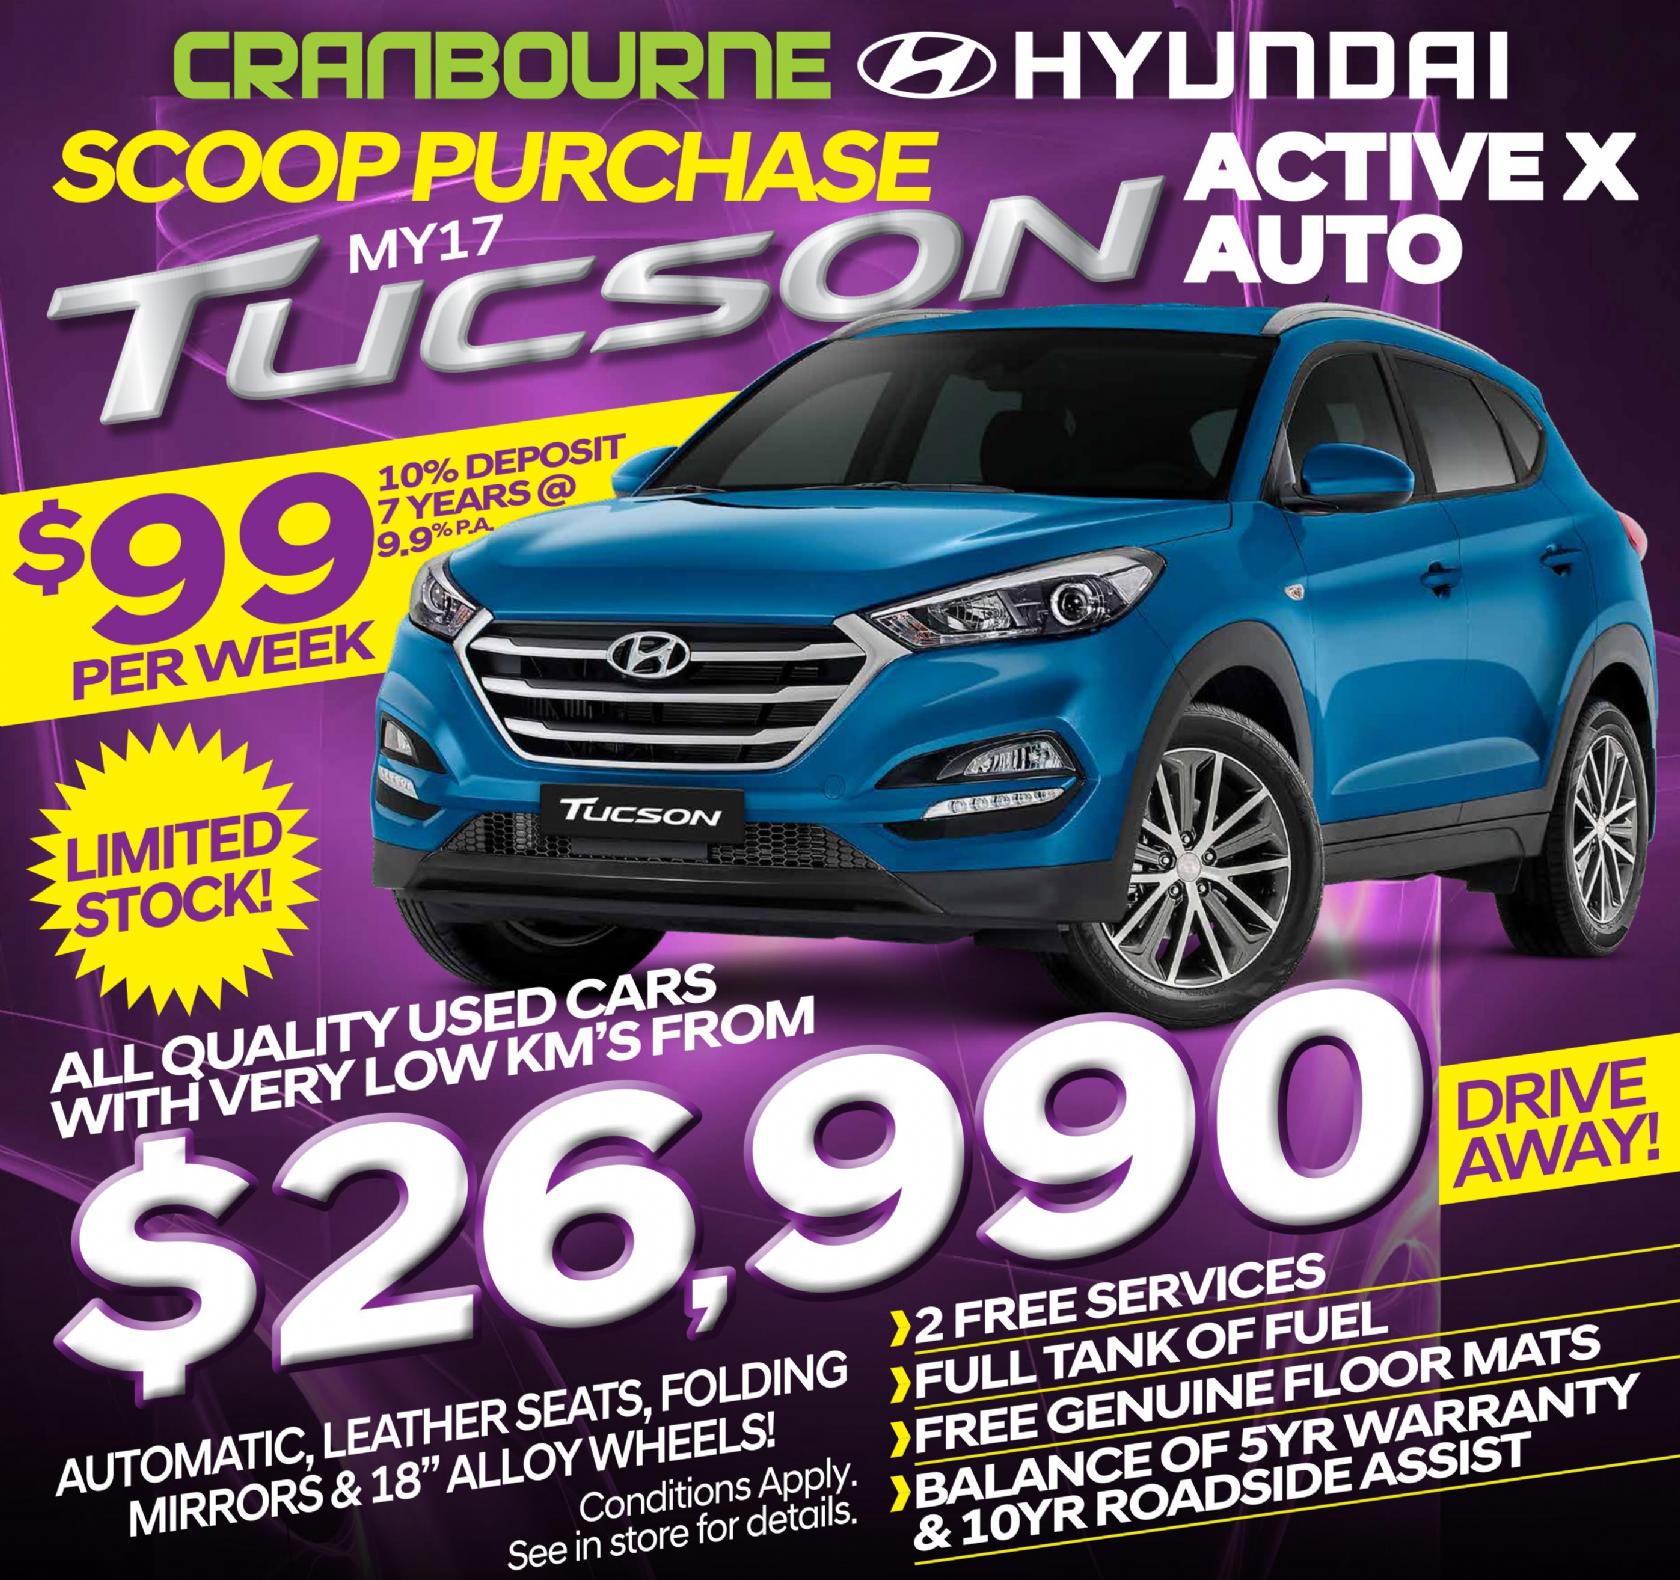 Hyundai Specials - Tucson